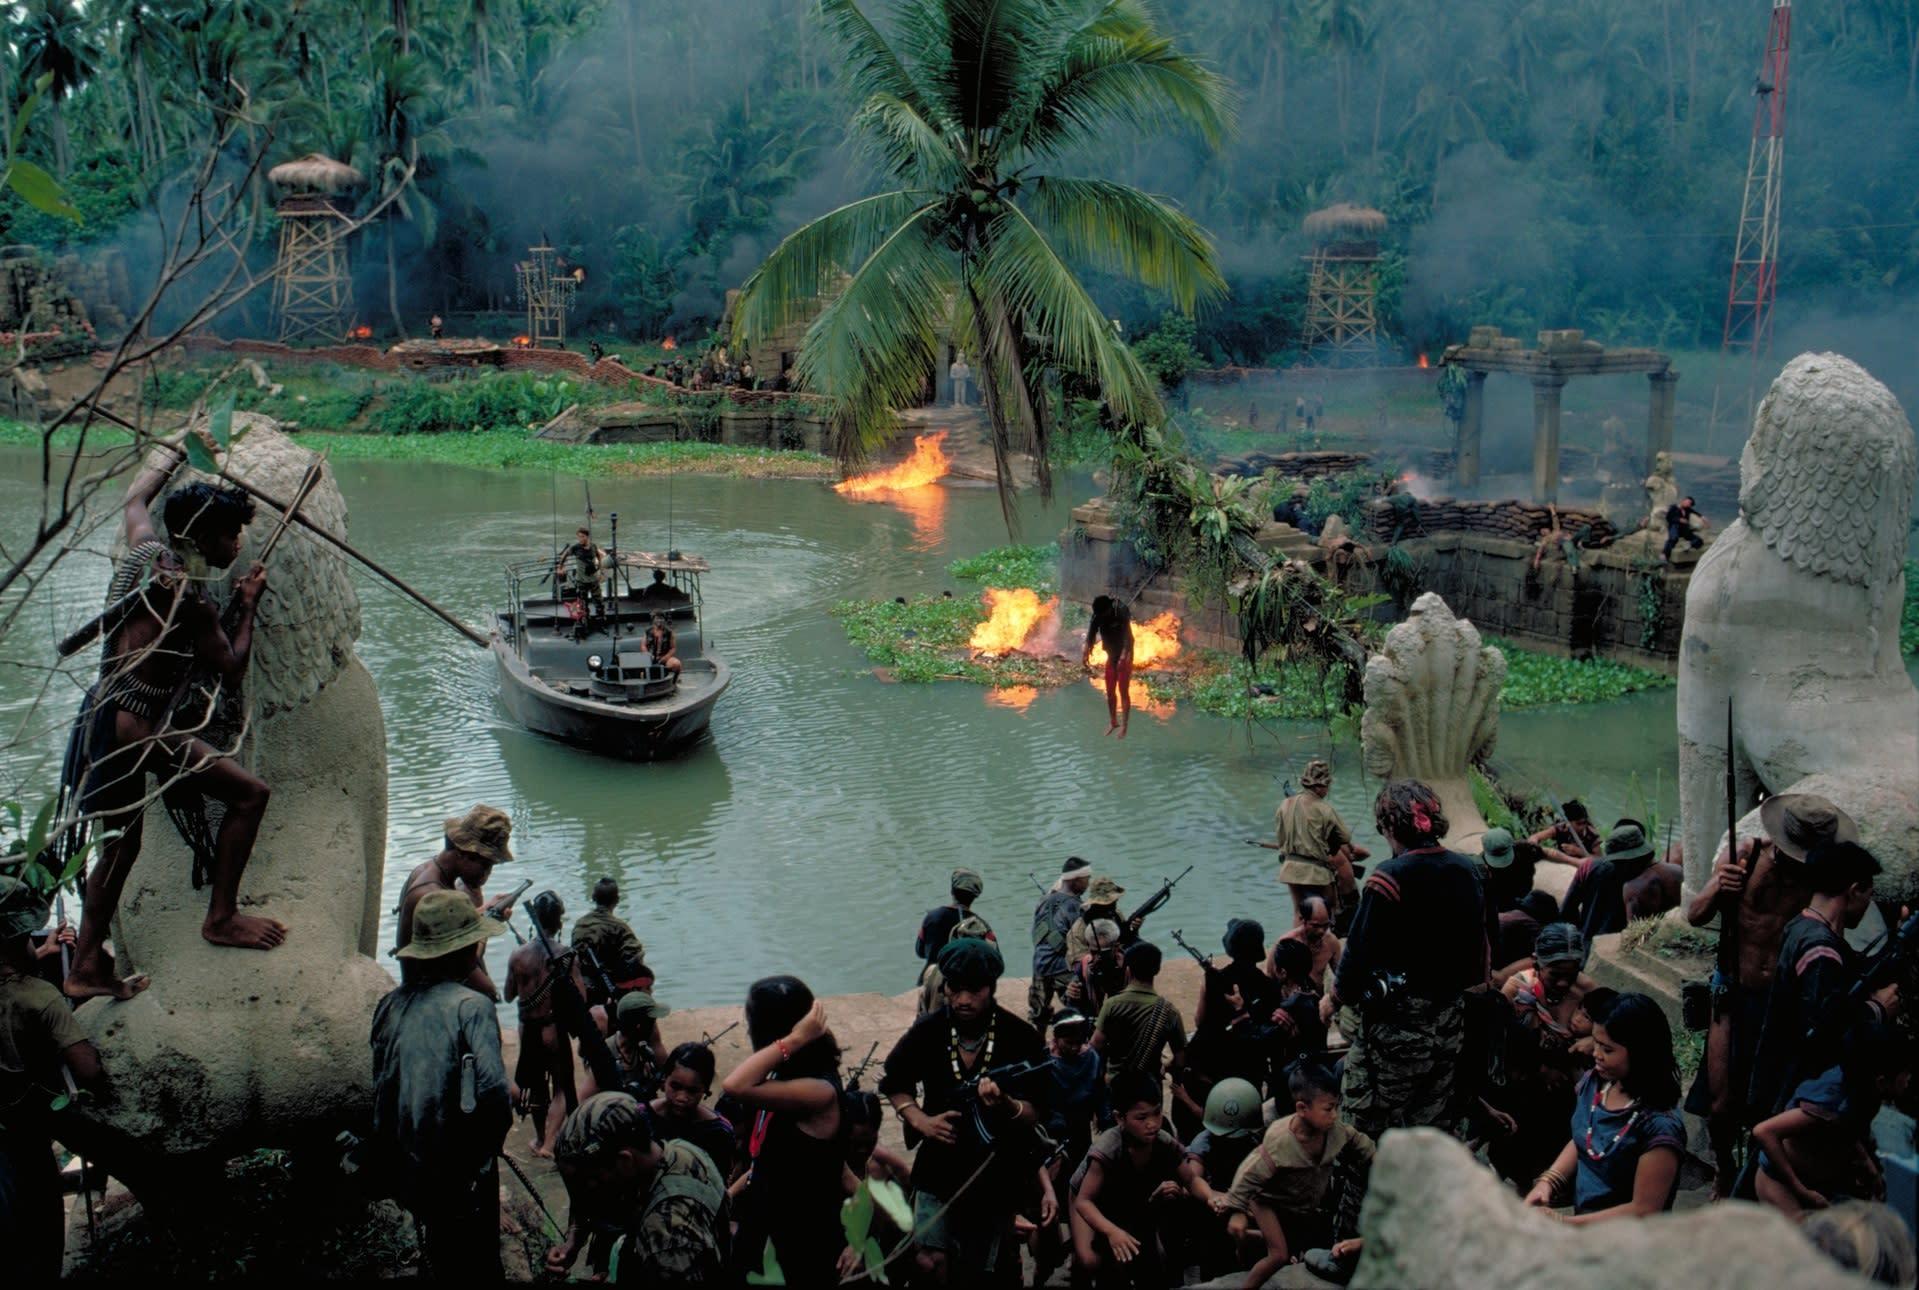 ベトナム戦争はアメリカ軍産の金儲けが第一の腐った心根が描き出した地獄絵だった。その心象風景をなぞってみれば、このような薬物中毒間者が見るような、幻想風景となるのか。